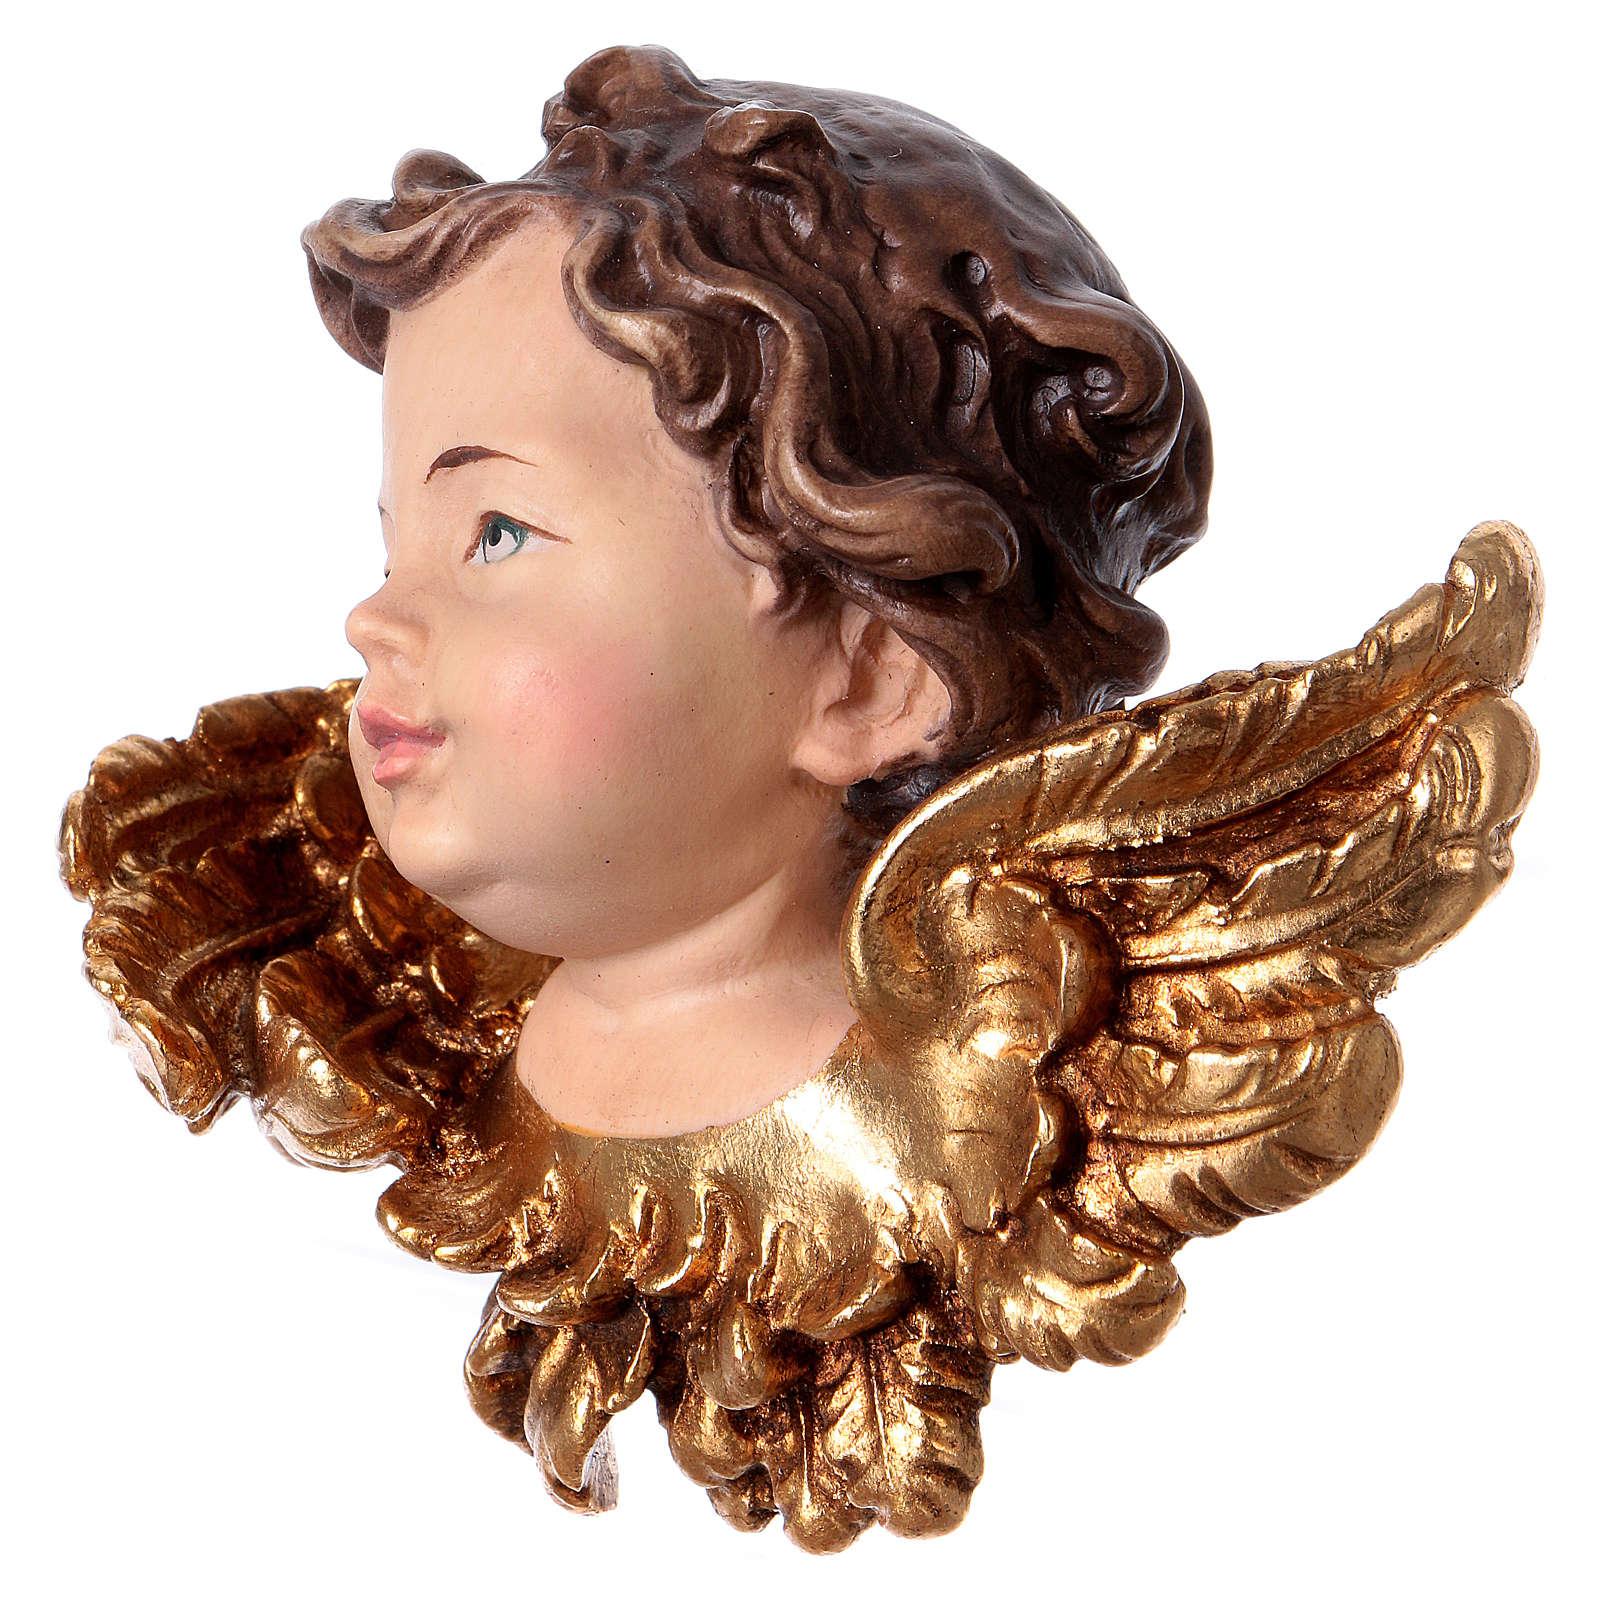 Cabeza de ángel derecha madera Val Gardena 3